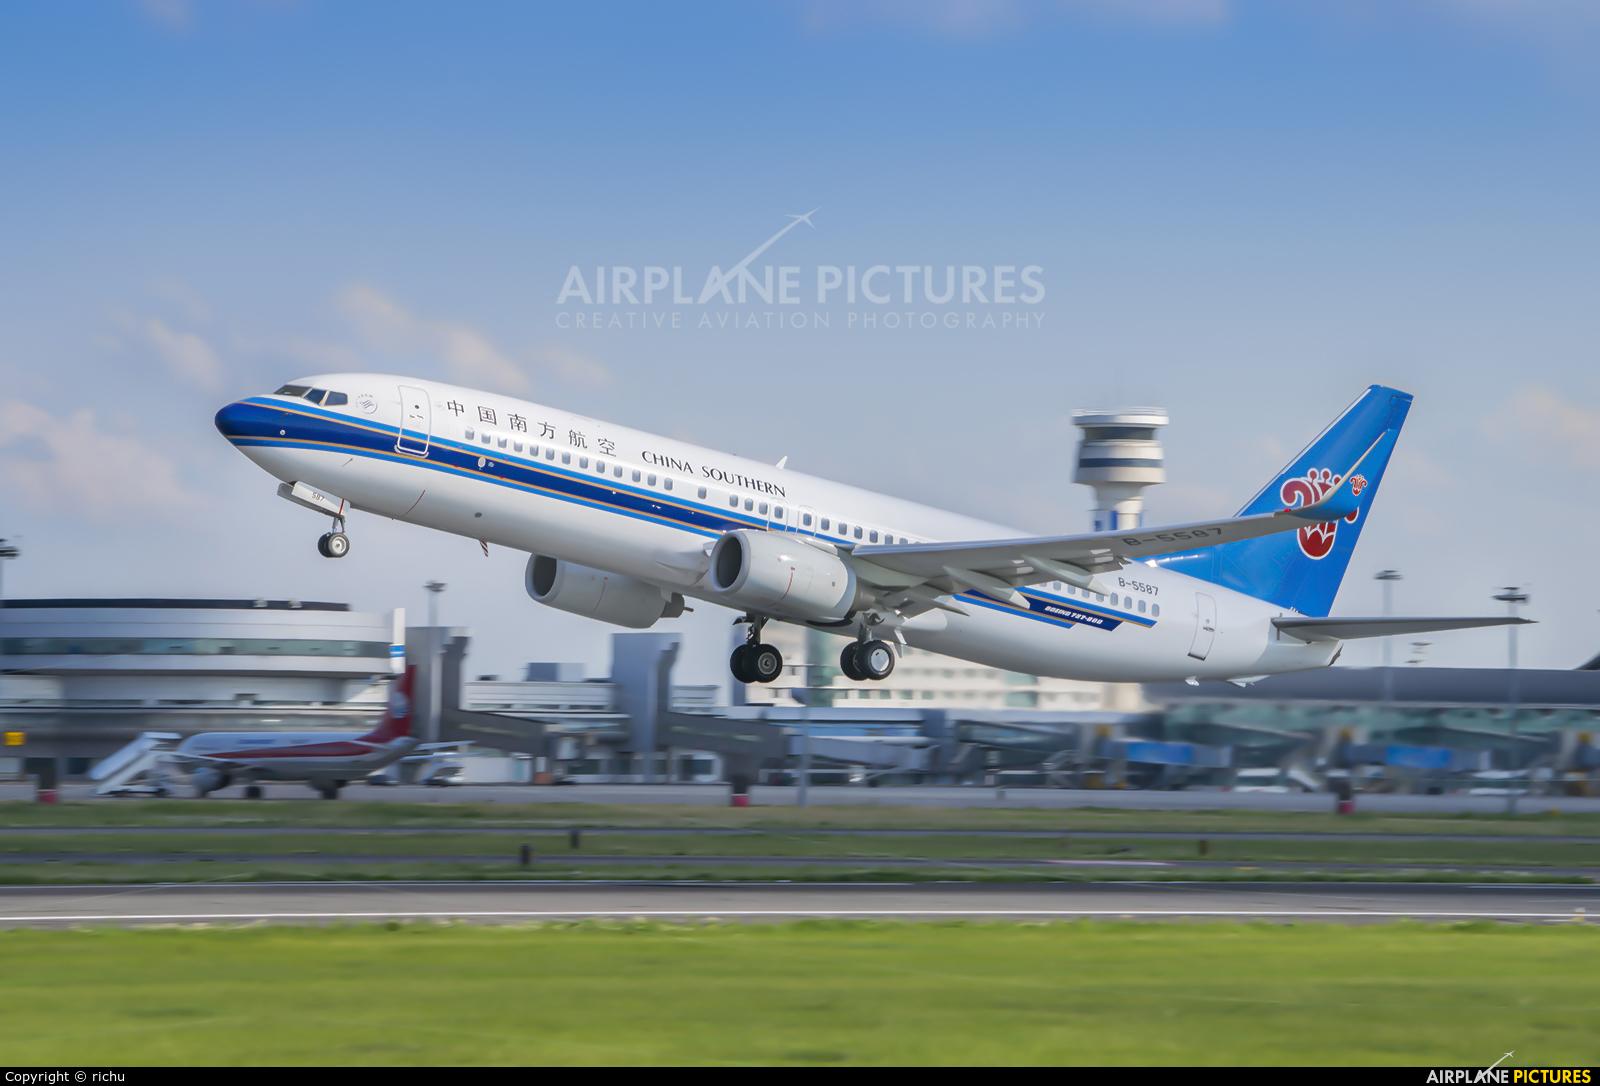 China Southern Airlines B-5587 aircraft at Shenyang-Taoxian